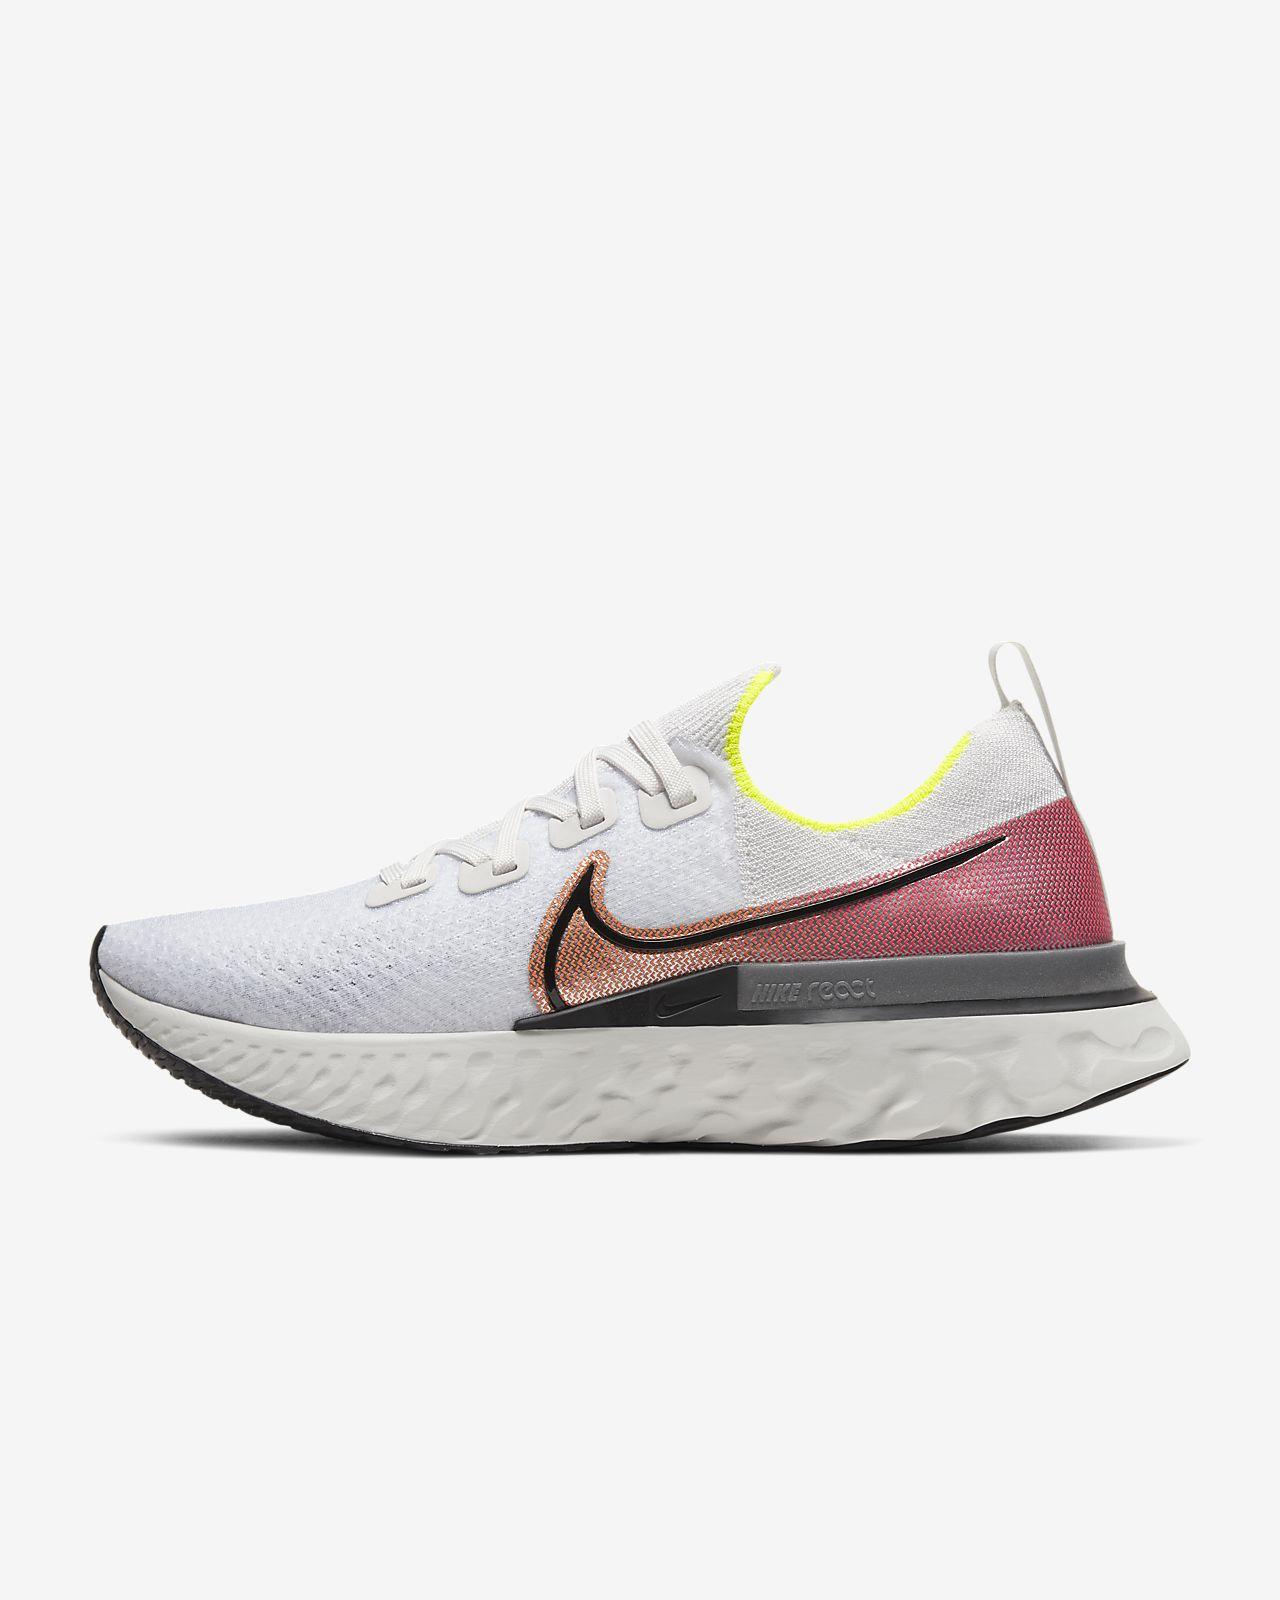 Nike Air Max, Sapatilhas, Nike Free png transparente grátis